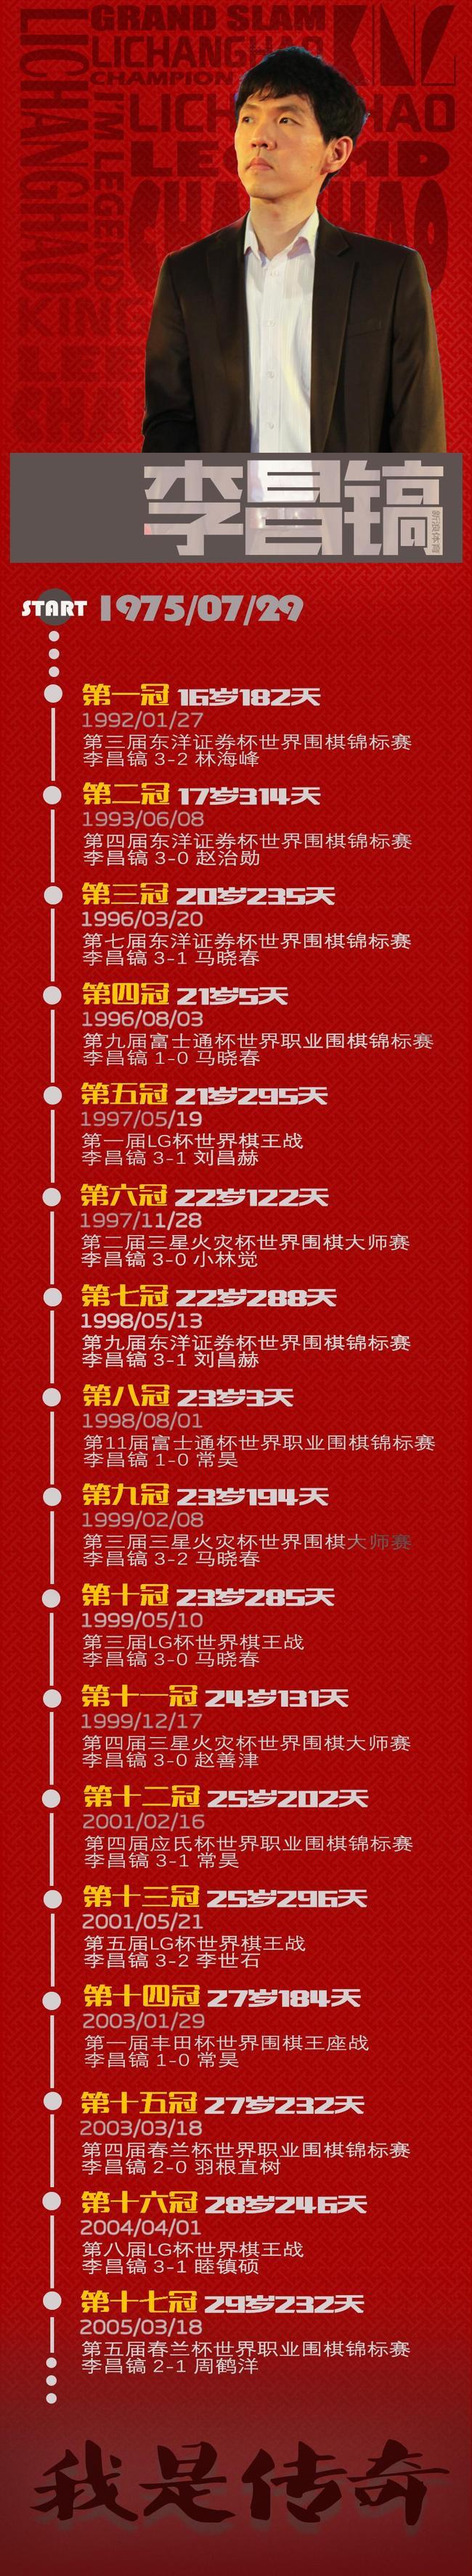 李昌镐所获世界冠军统计